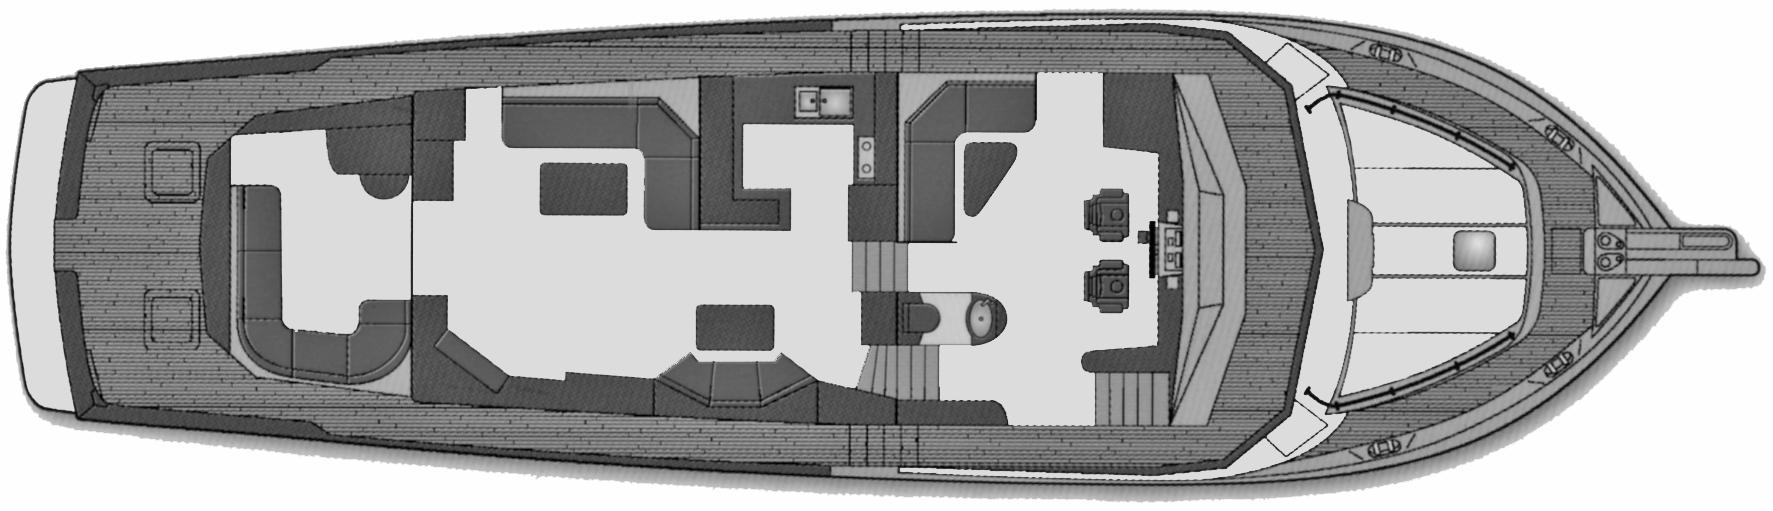 75-78 Floor Plan 2